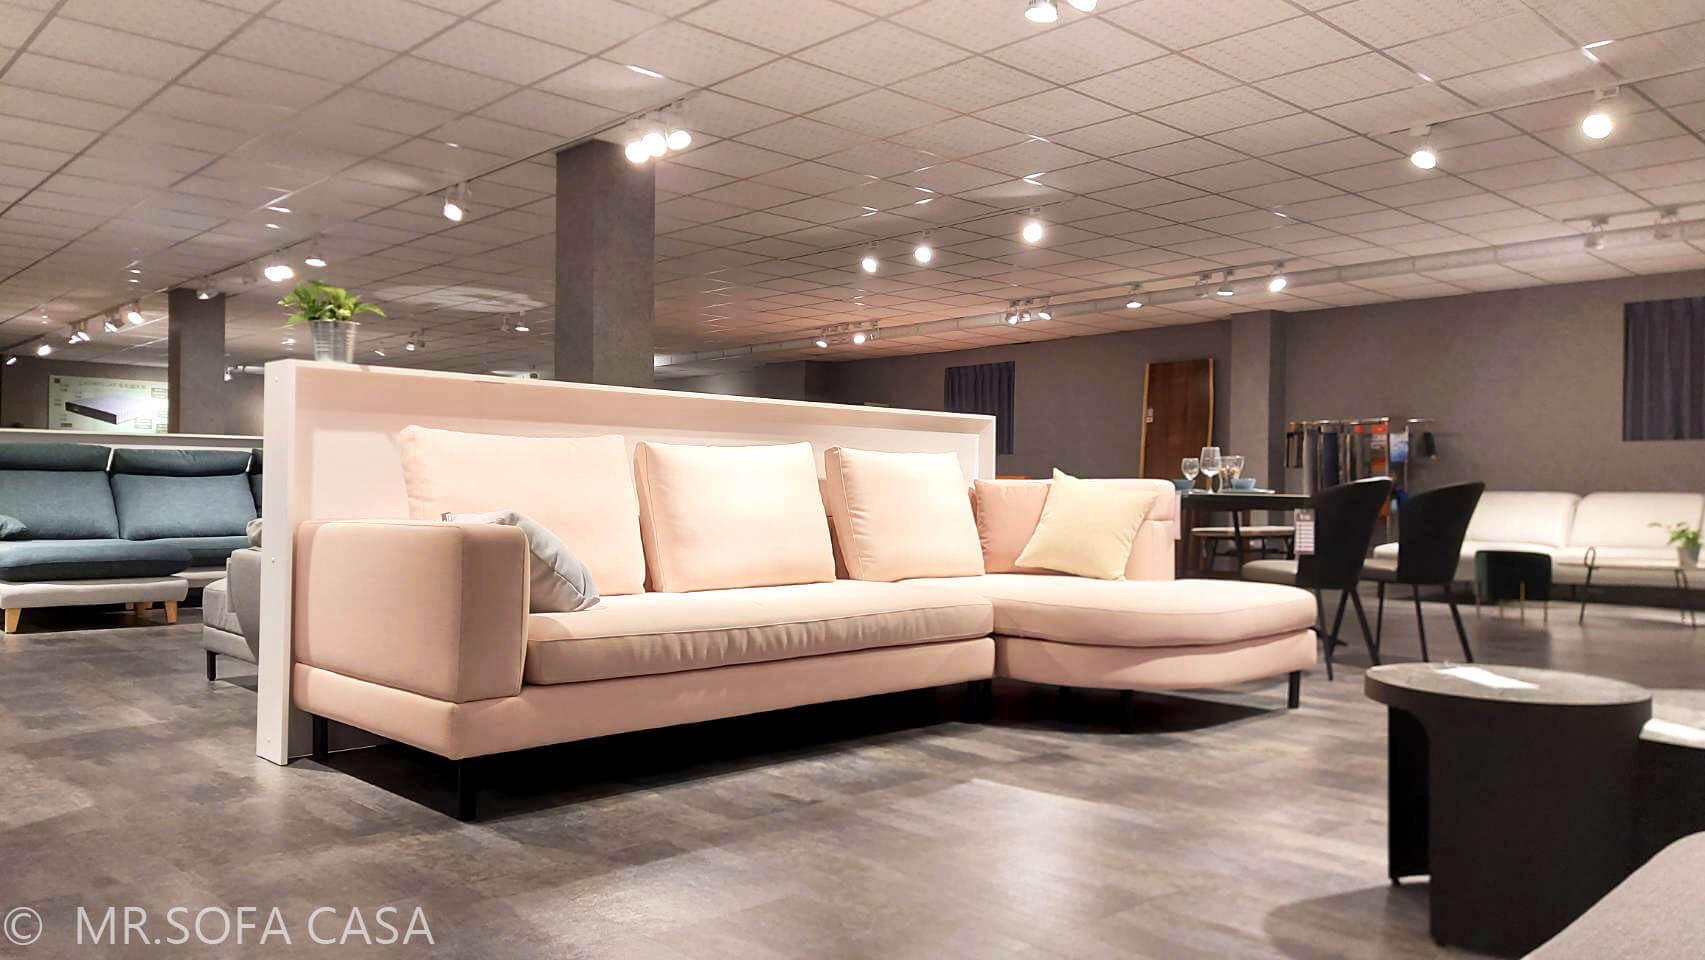 來沙發先生家居尋找適合自己的一套沙發